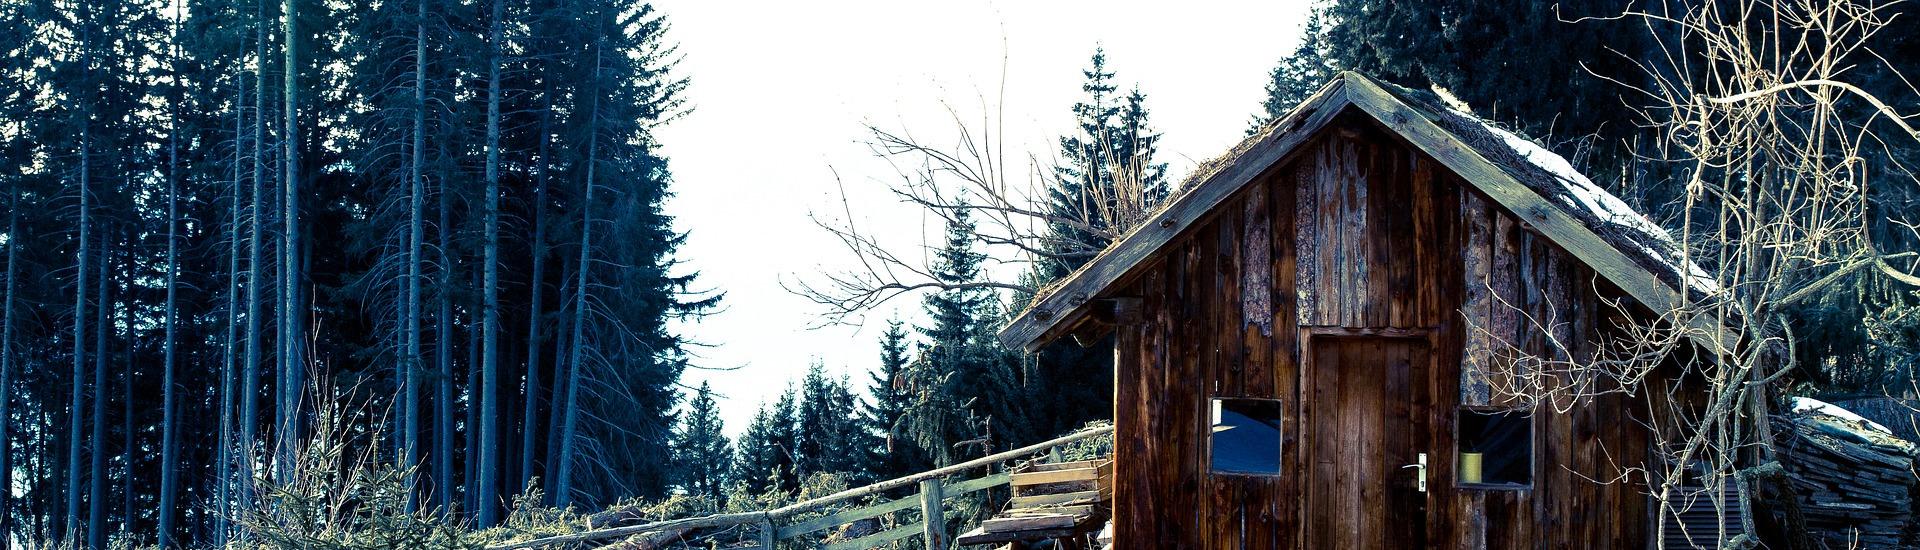 wood-1629185_1920_550